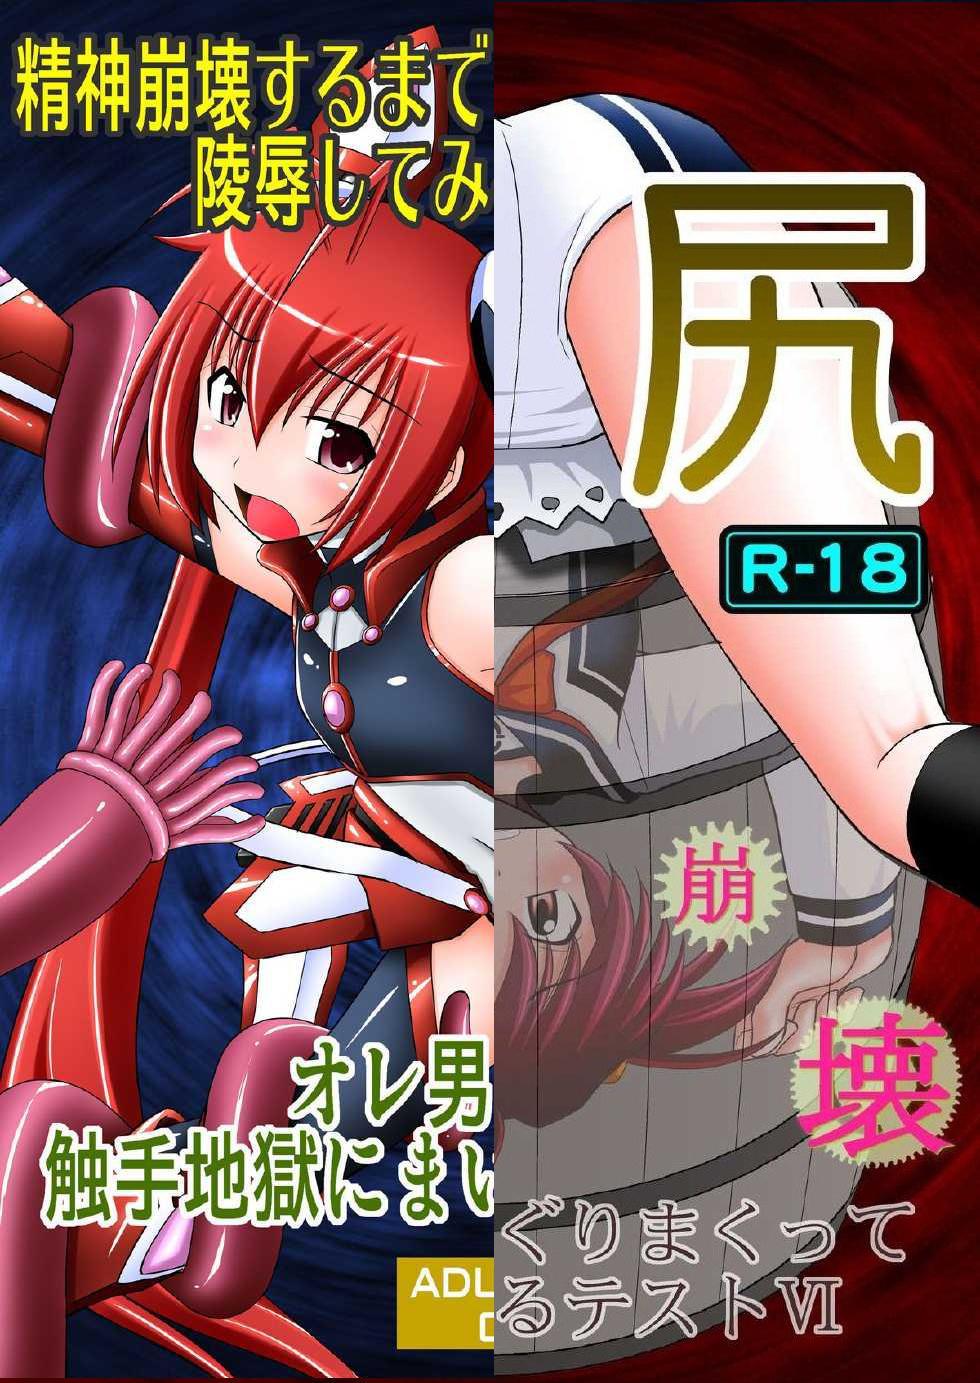 Seishinhoukai Surumade Kusugurimakutte Ryoujoku Shitemiru Test VI & VIII 0